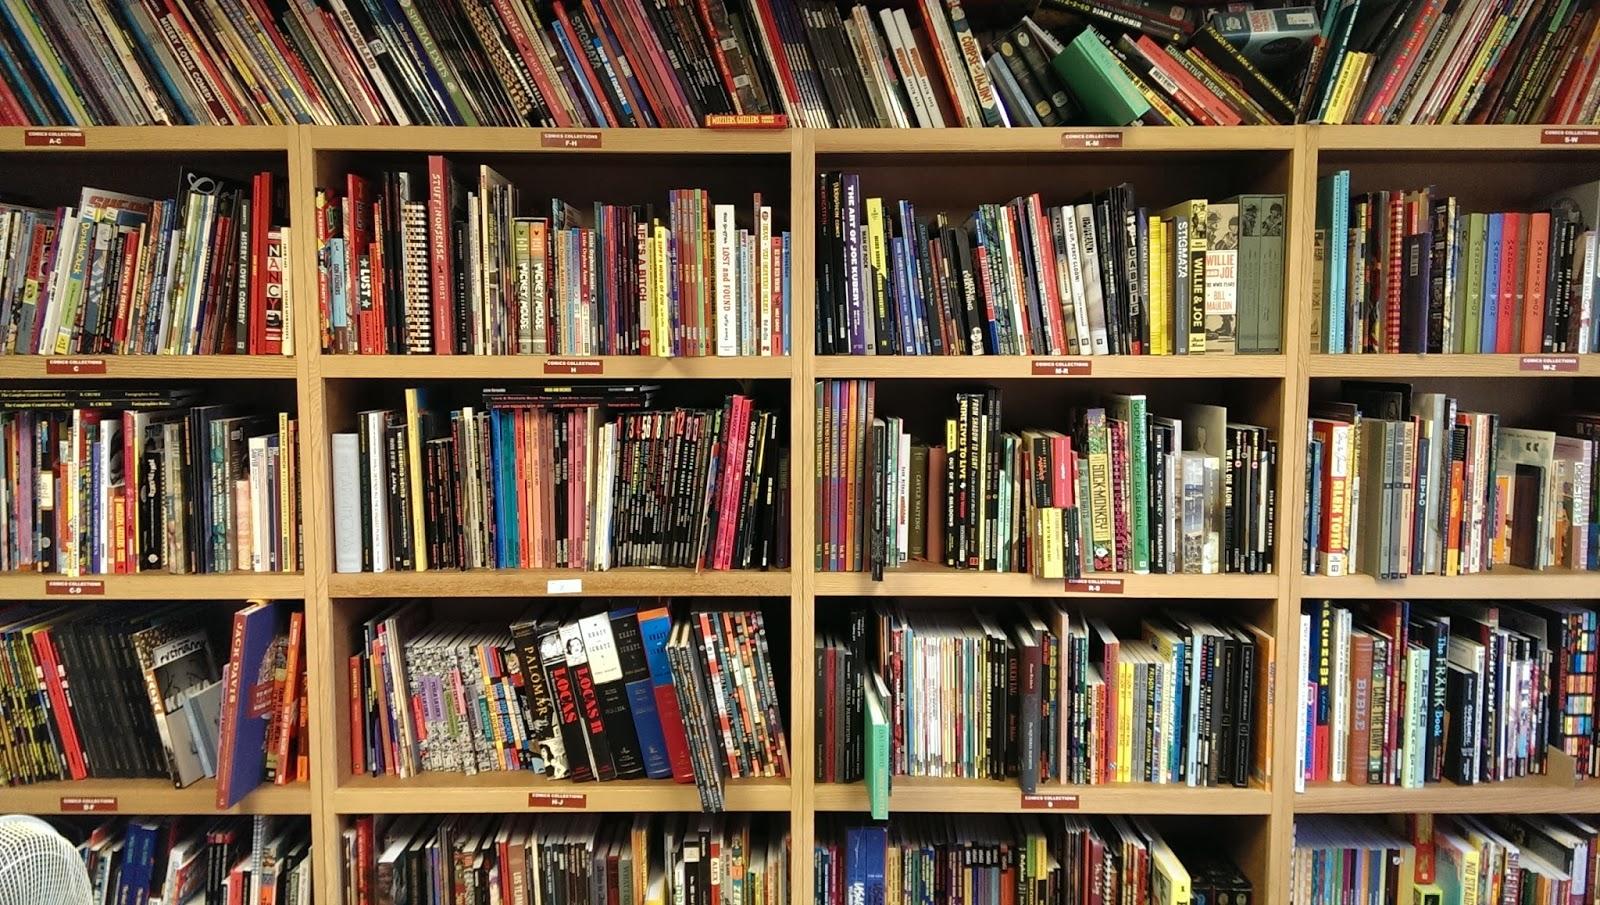 (Quase) todos os livros do mundo